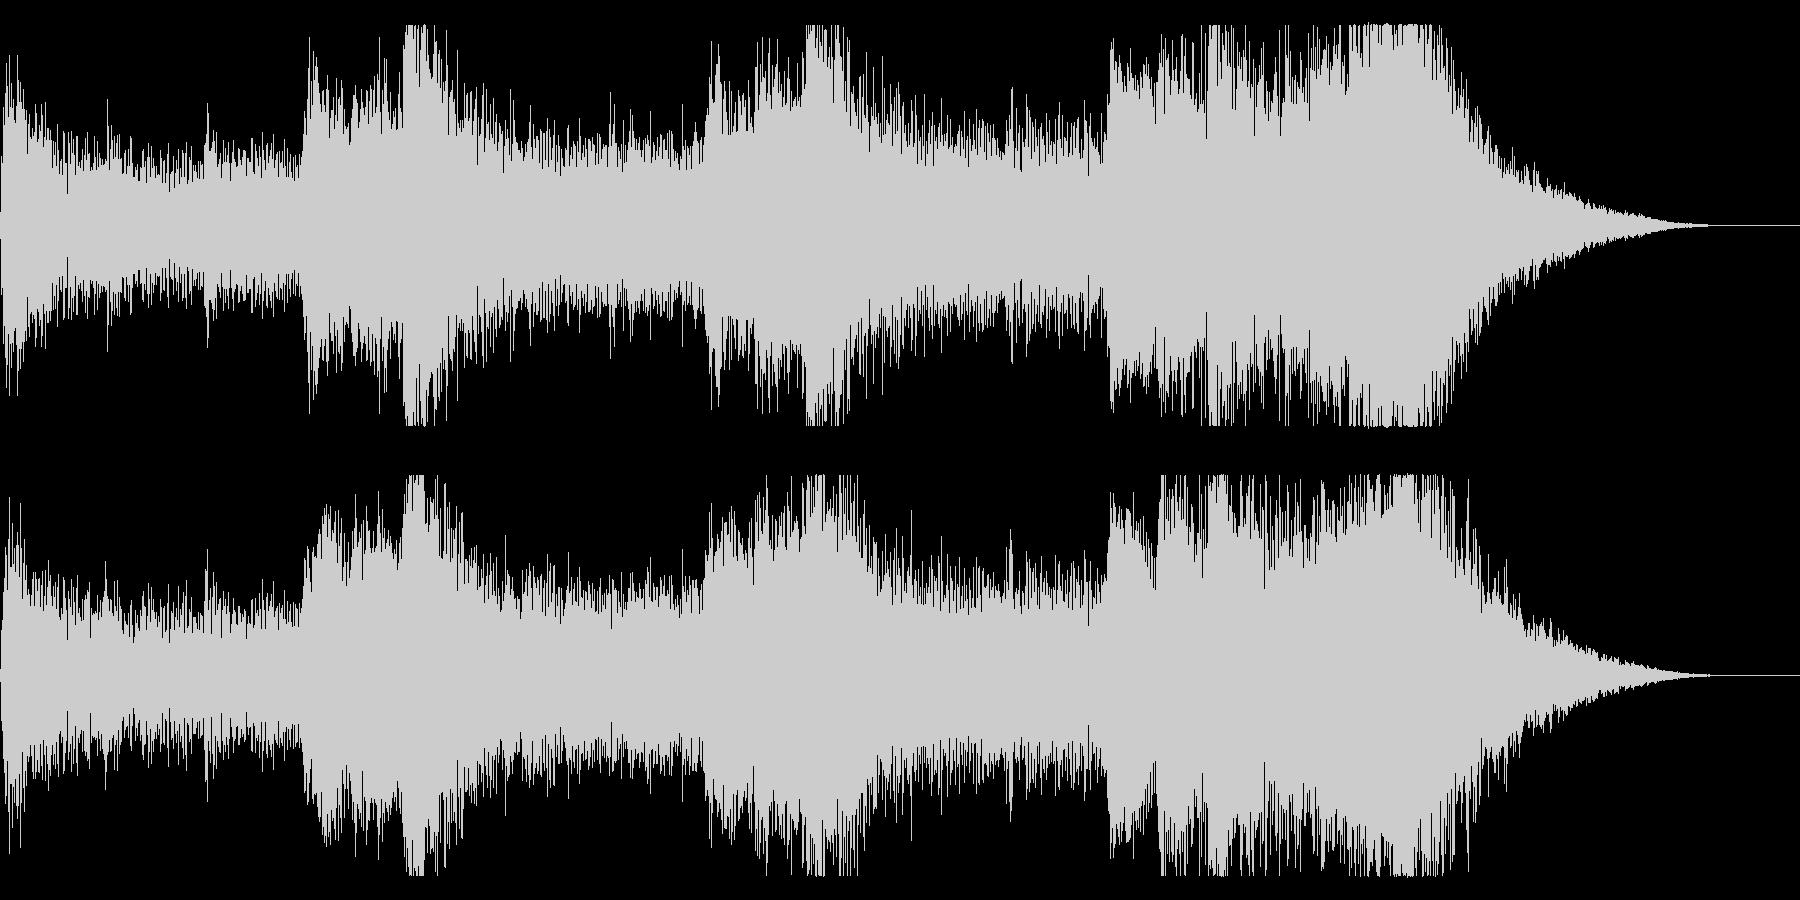 音楽、ベインステム、ドローン、プラ...の未再生の波形